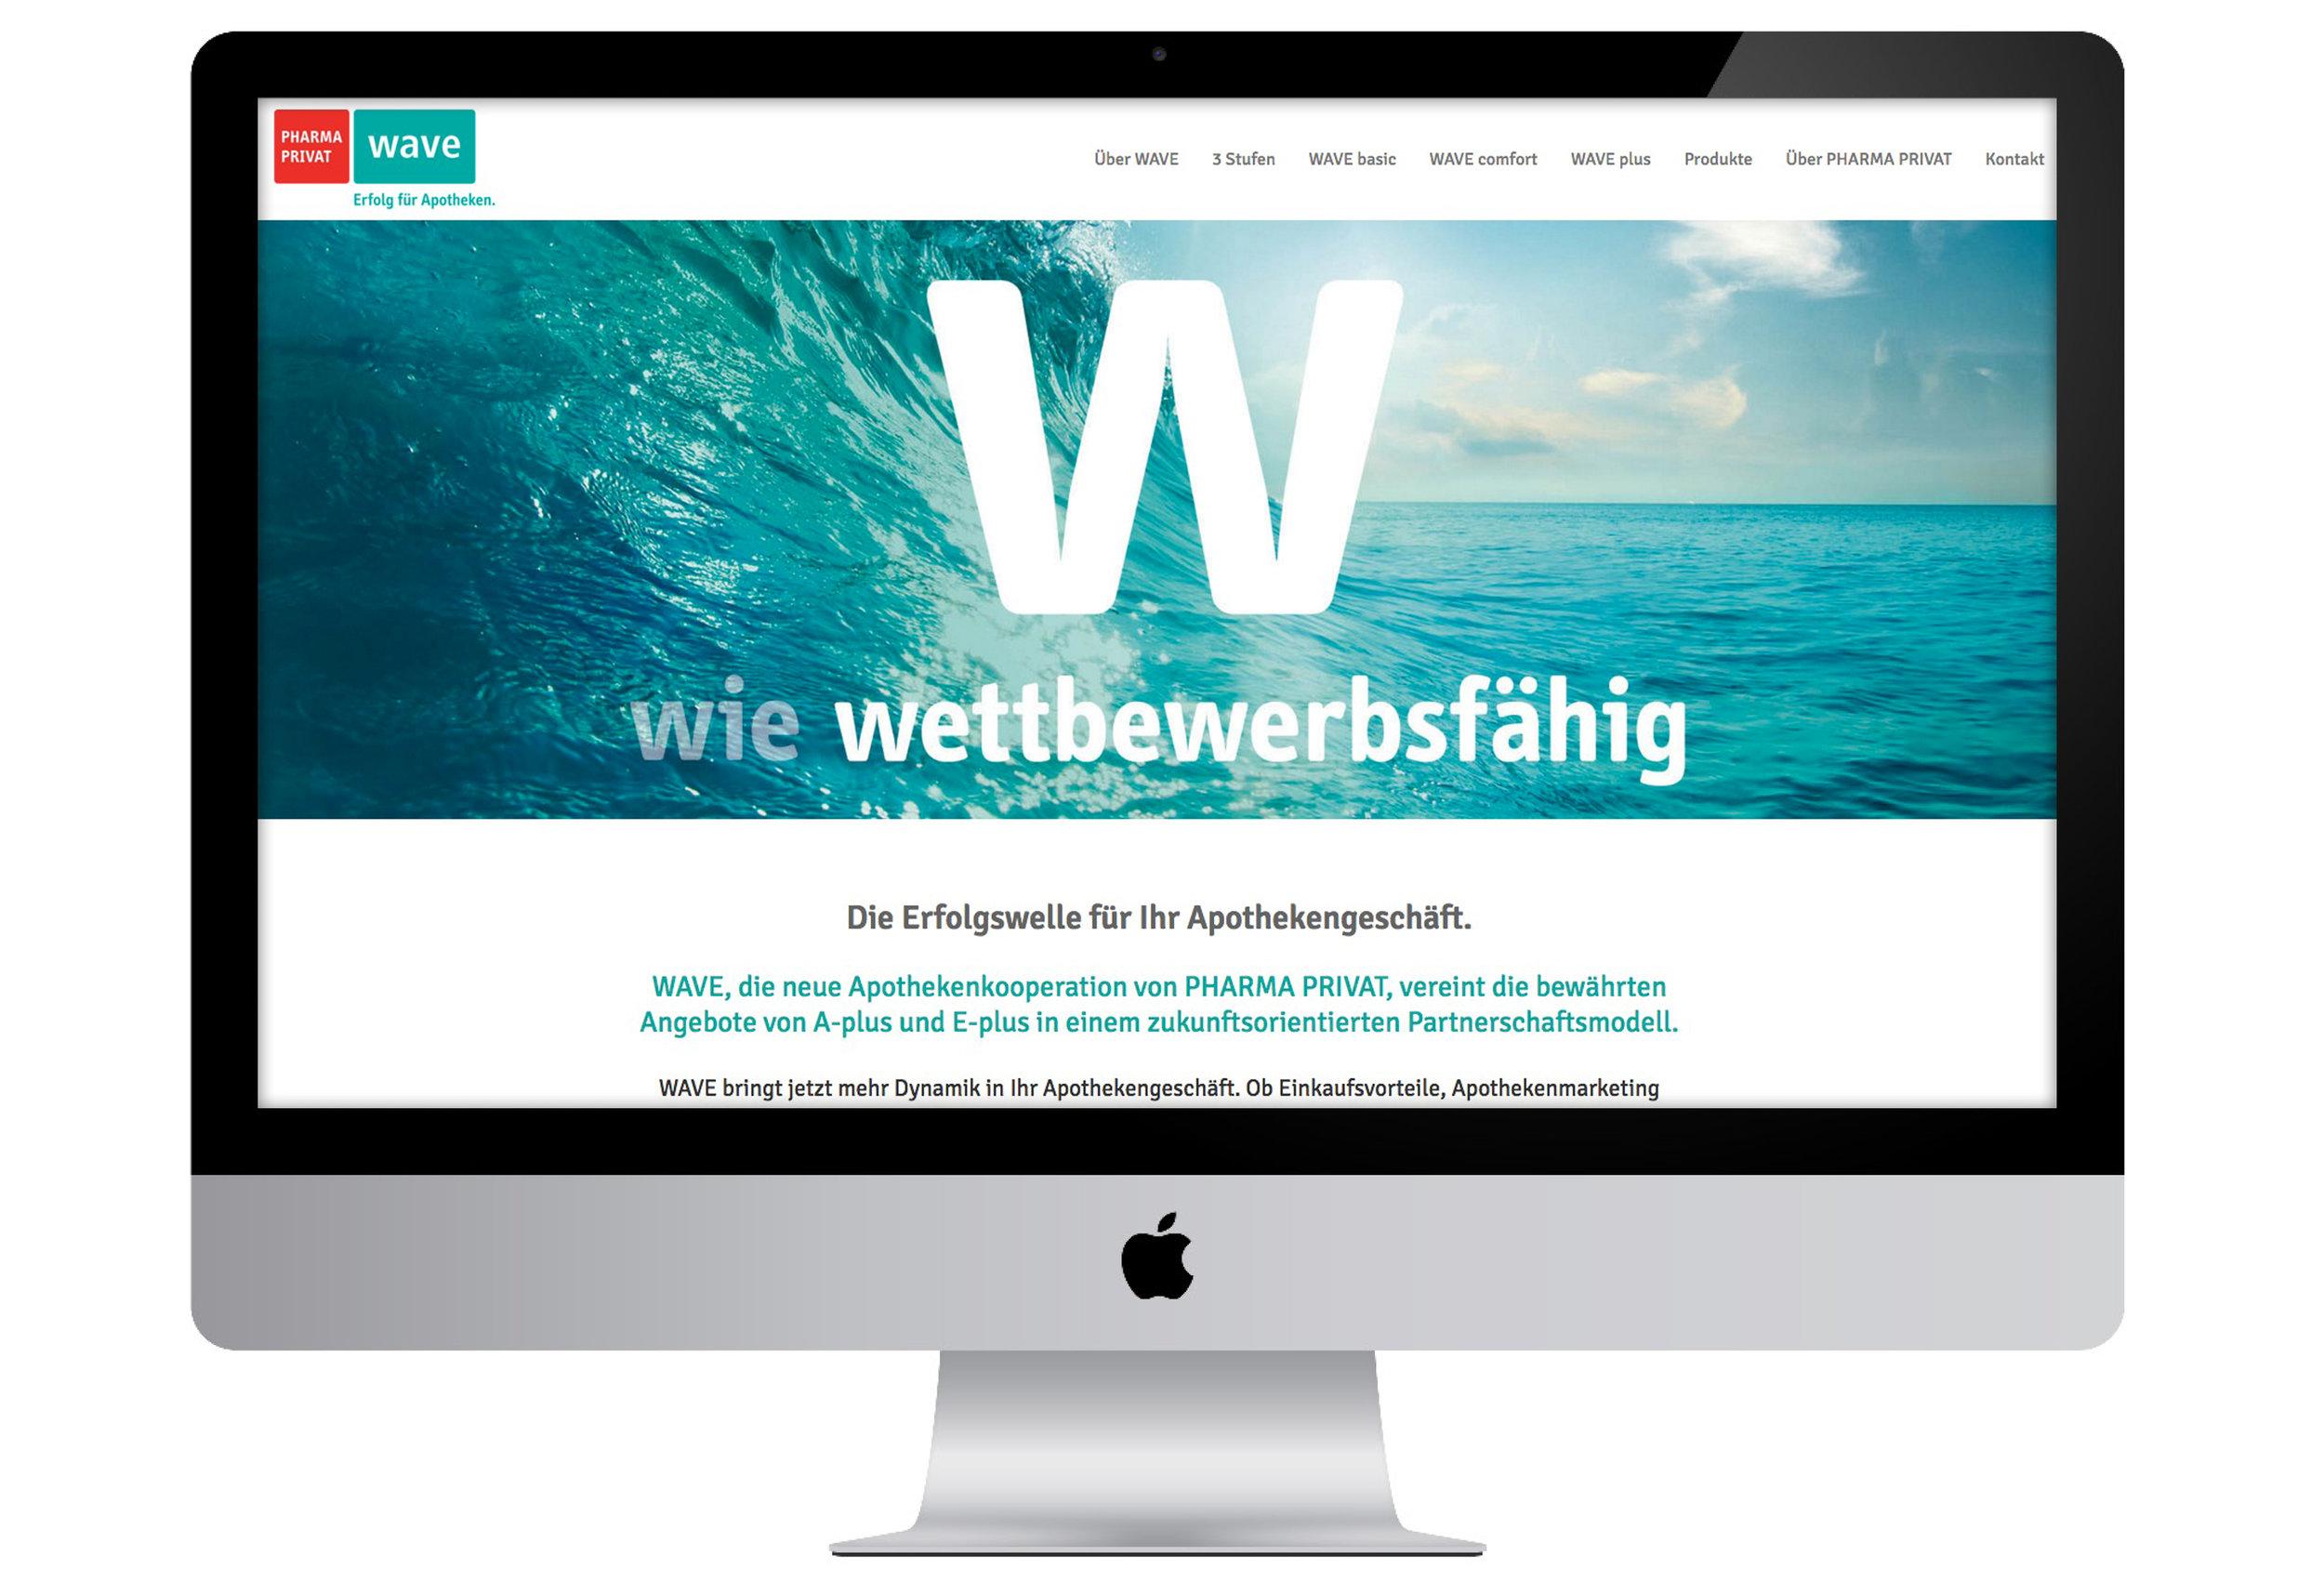 WAVE_Webauftritt_02.jpg